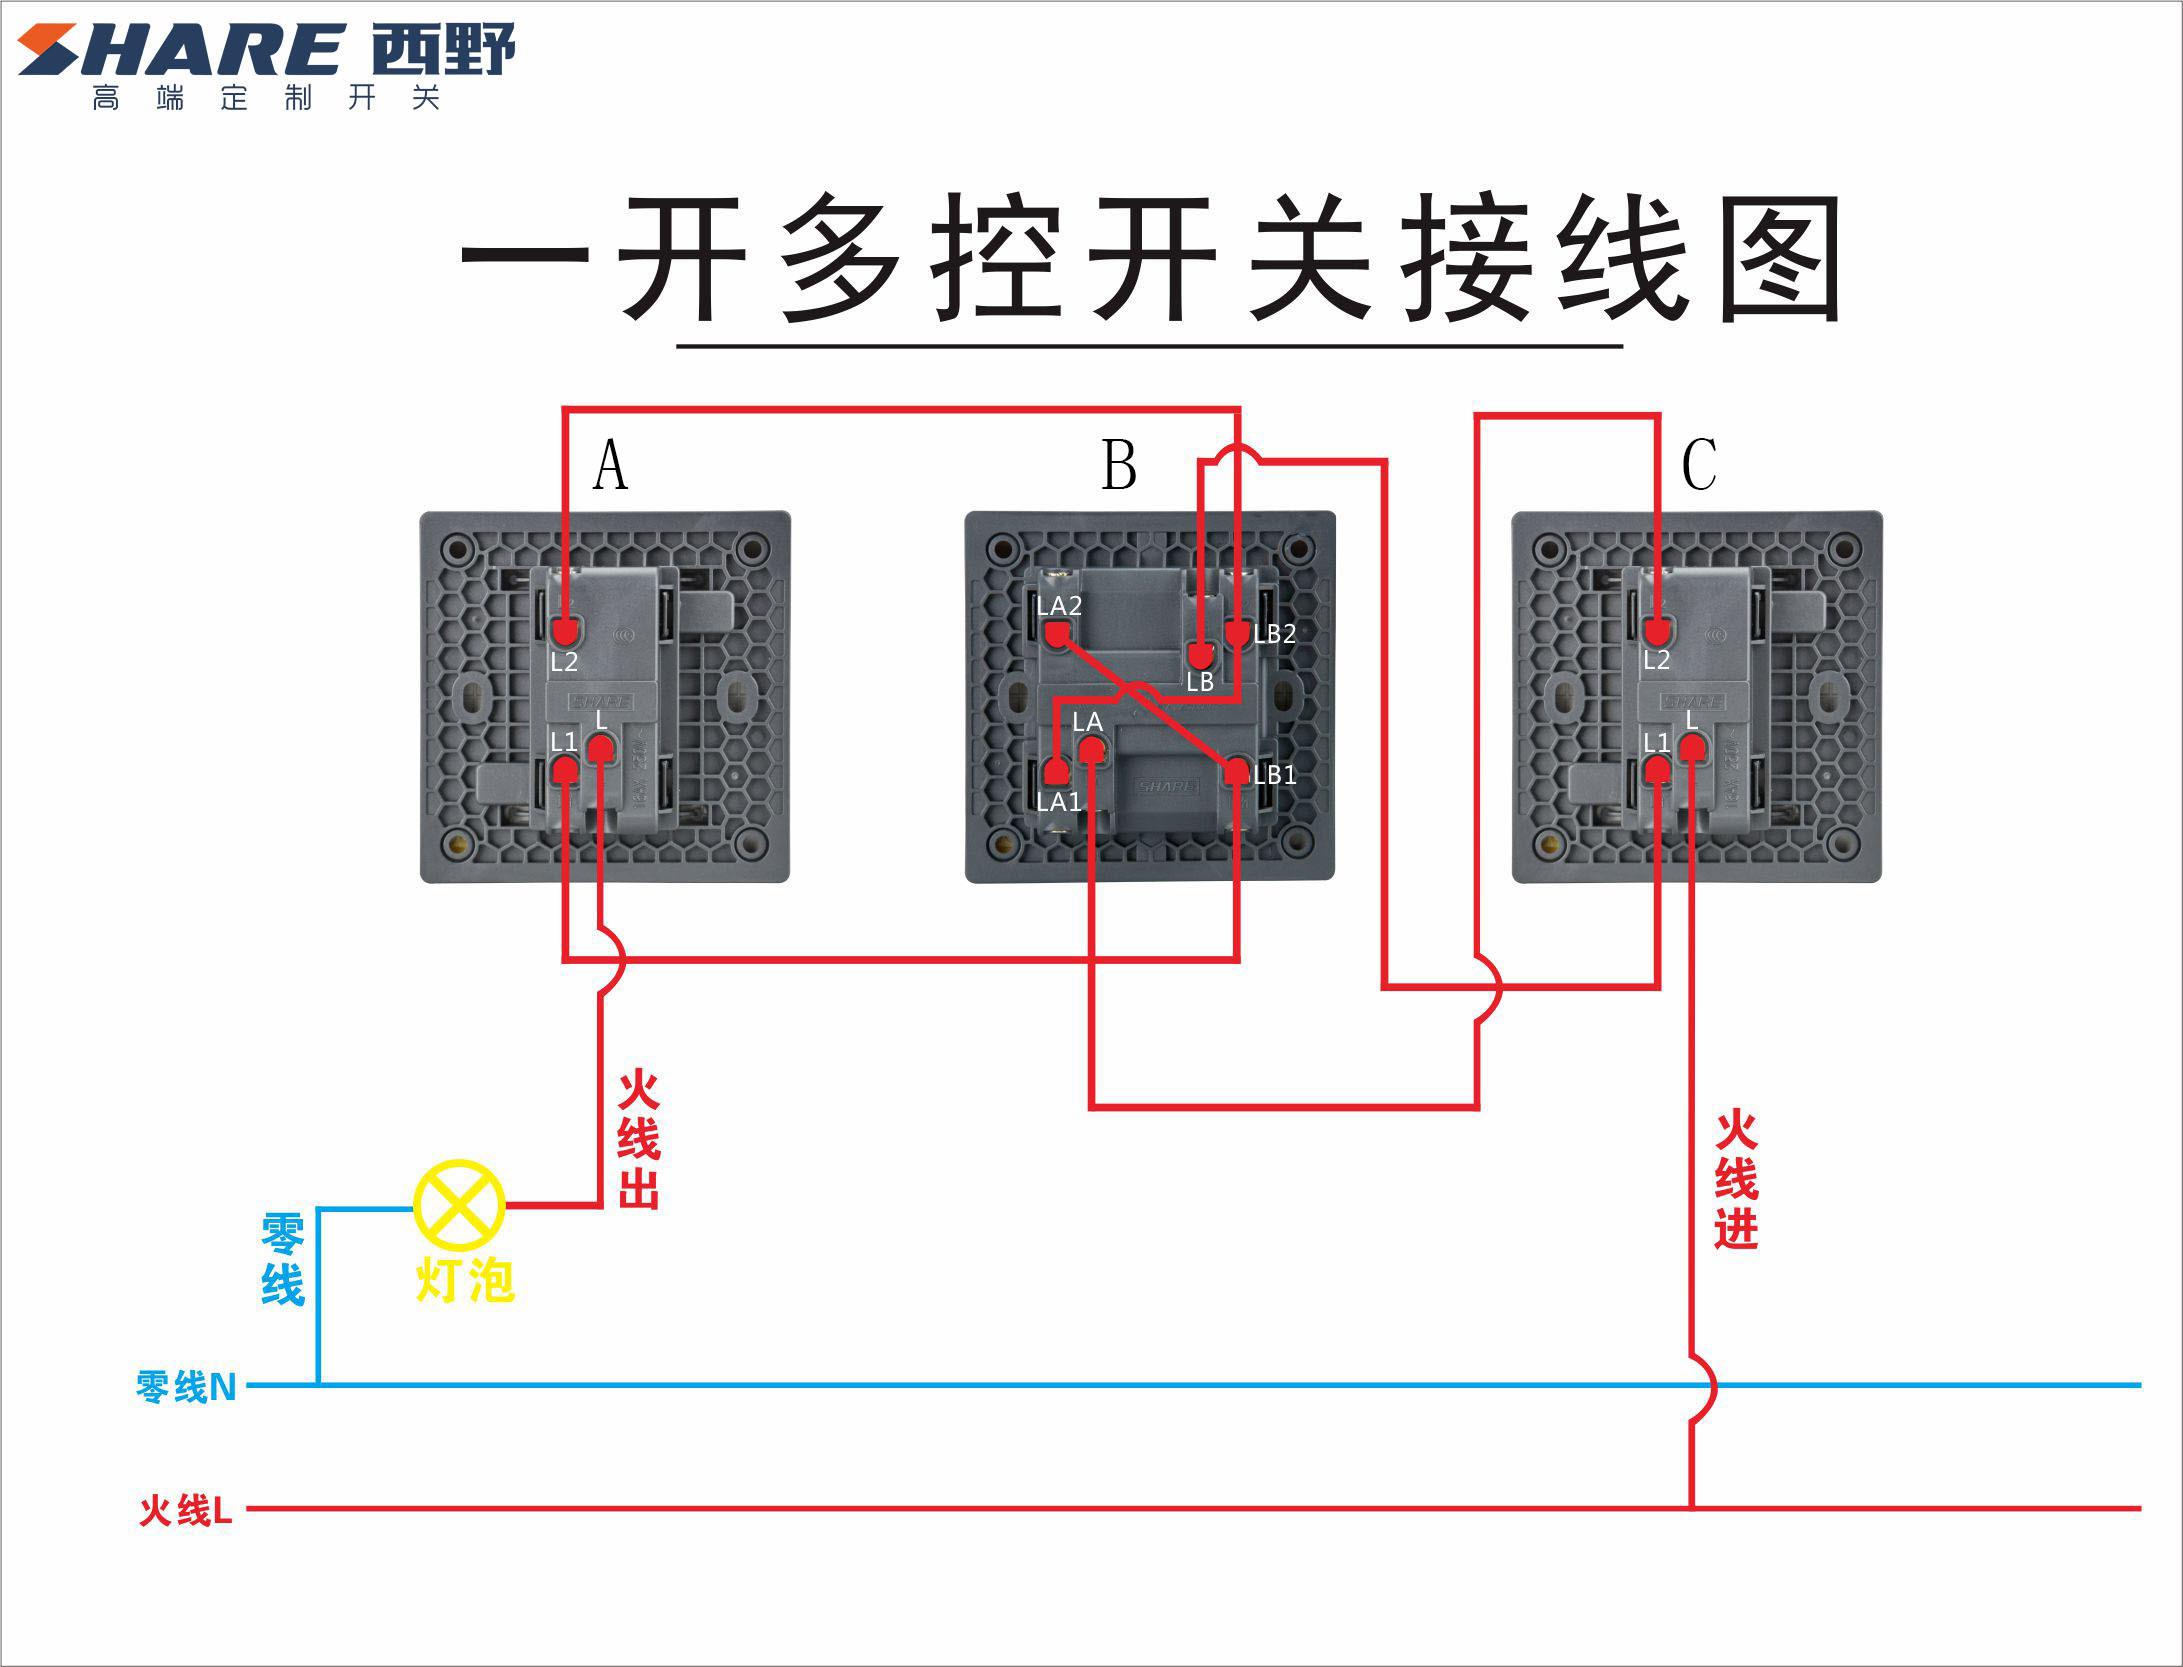 开关接线图 接线说明: 火线先进c开关的l极,从c开关的l1出线链接到b开